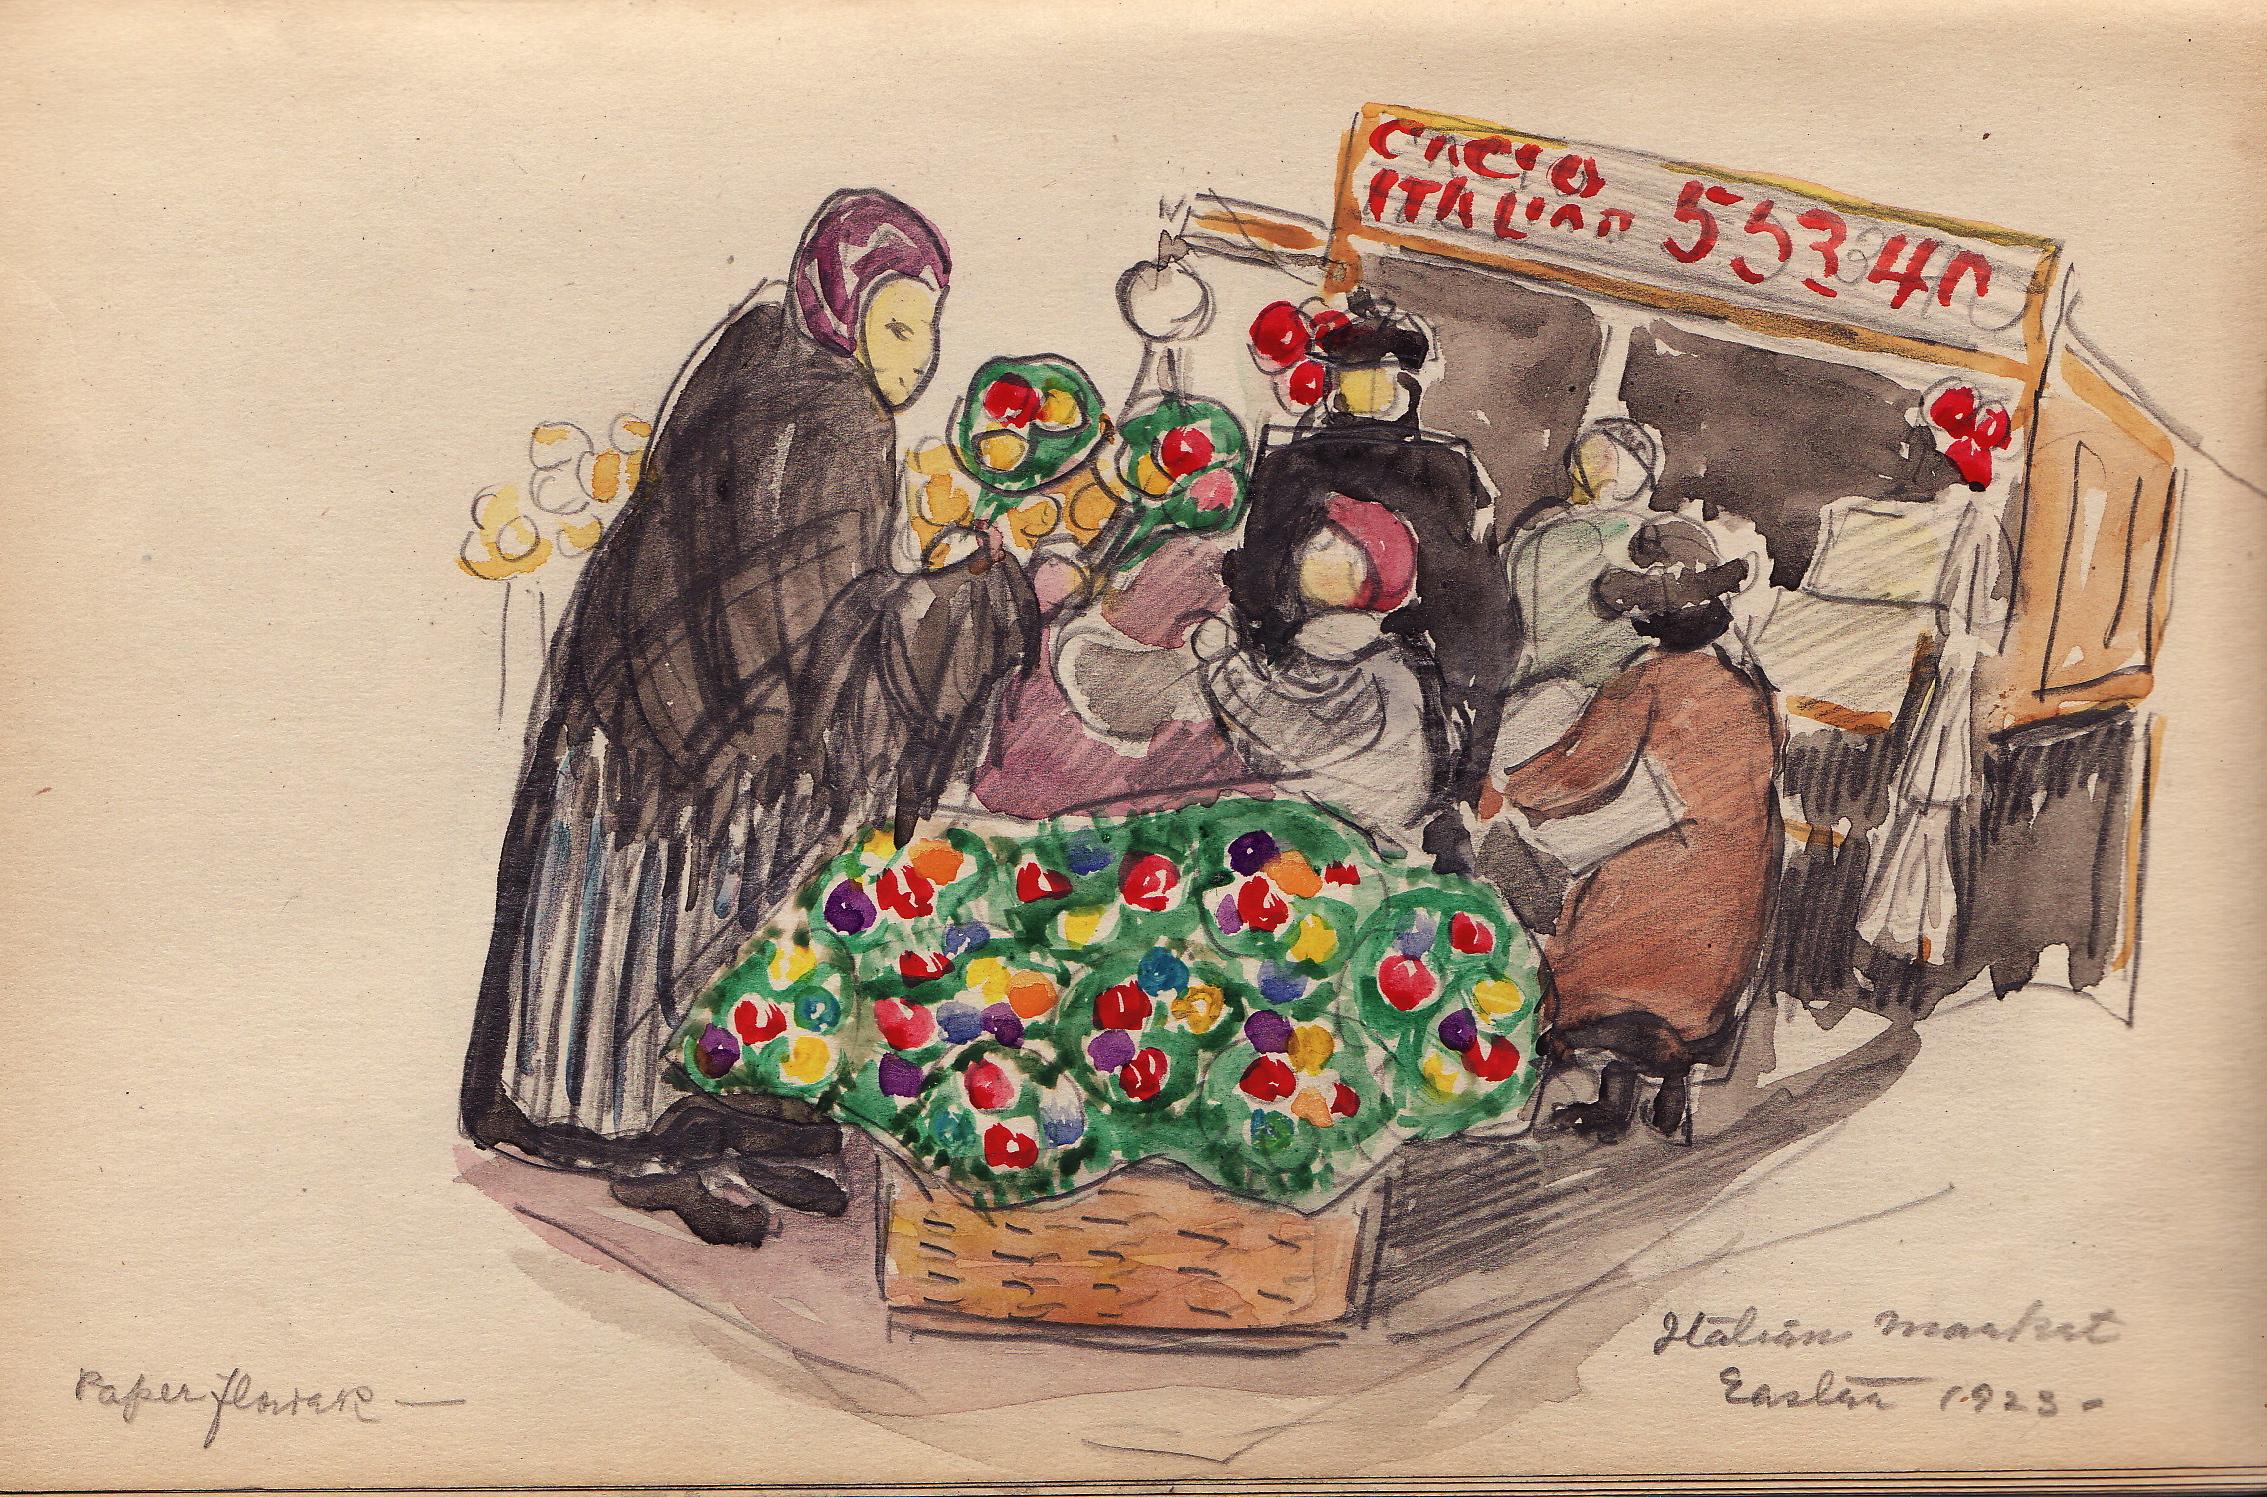 Italian Market (1923 Sketchbook) by Edith Lake Wilkinson